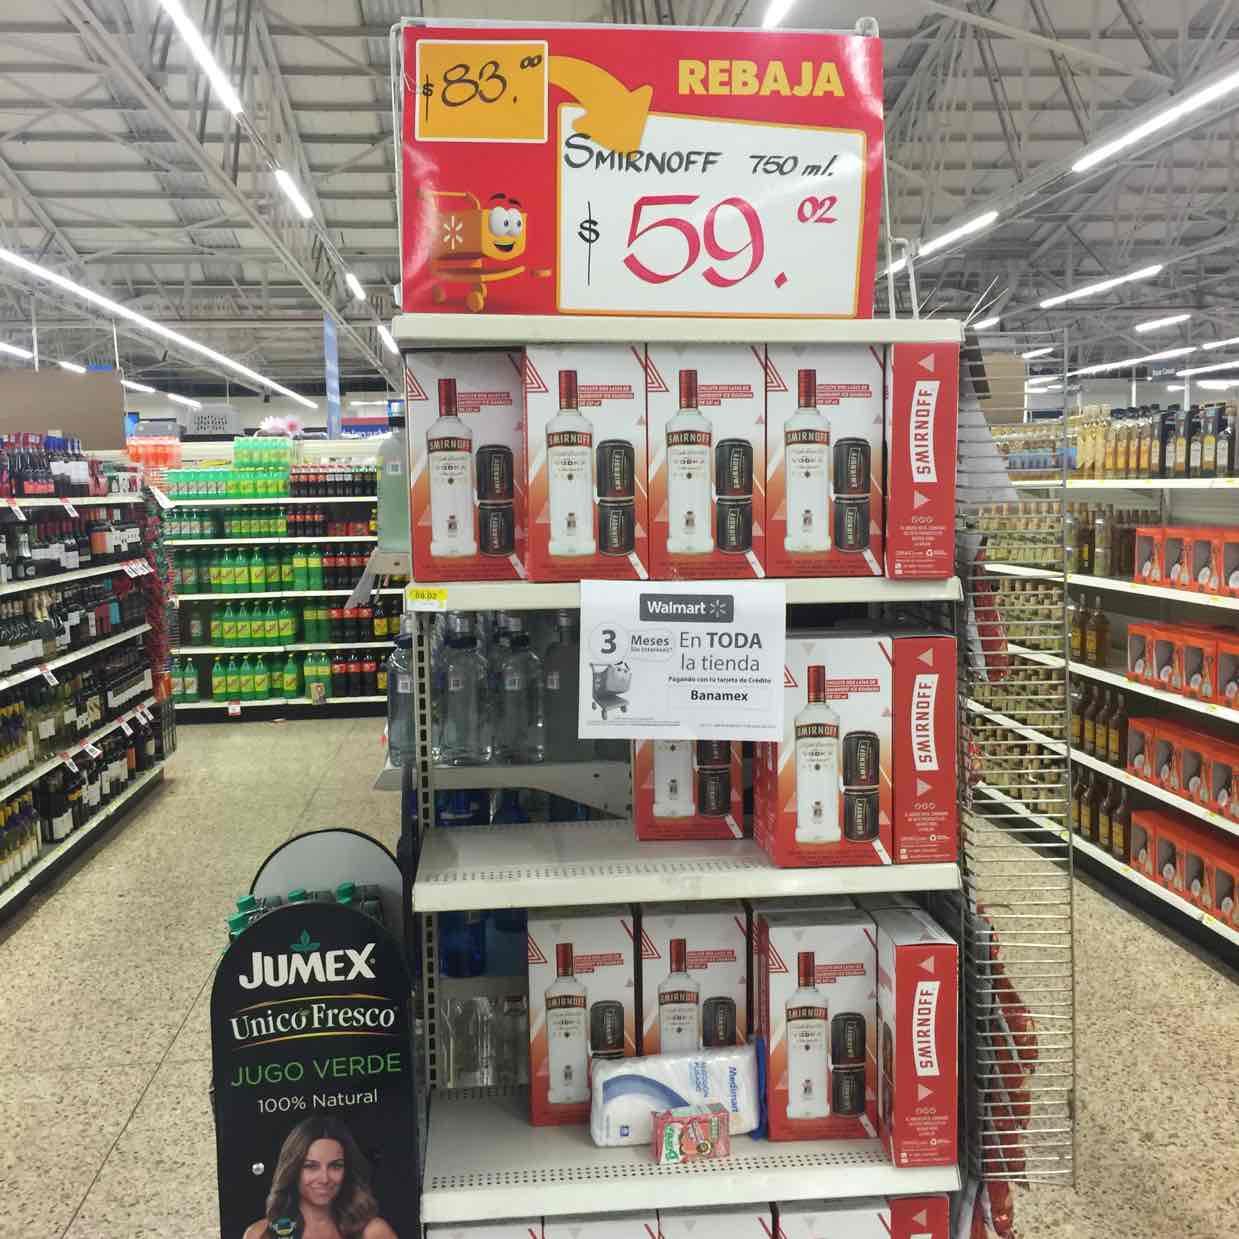 Walmart: Vodka Smirnoff 750 ml + 2 latas de Smirnoff ice guarana